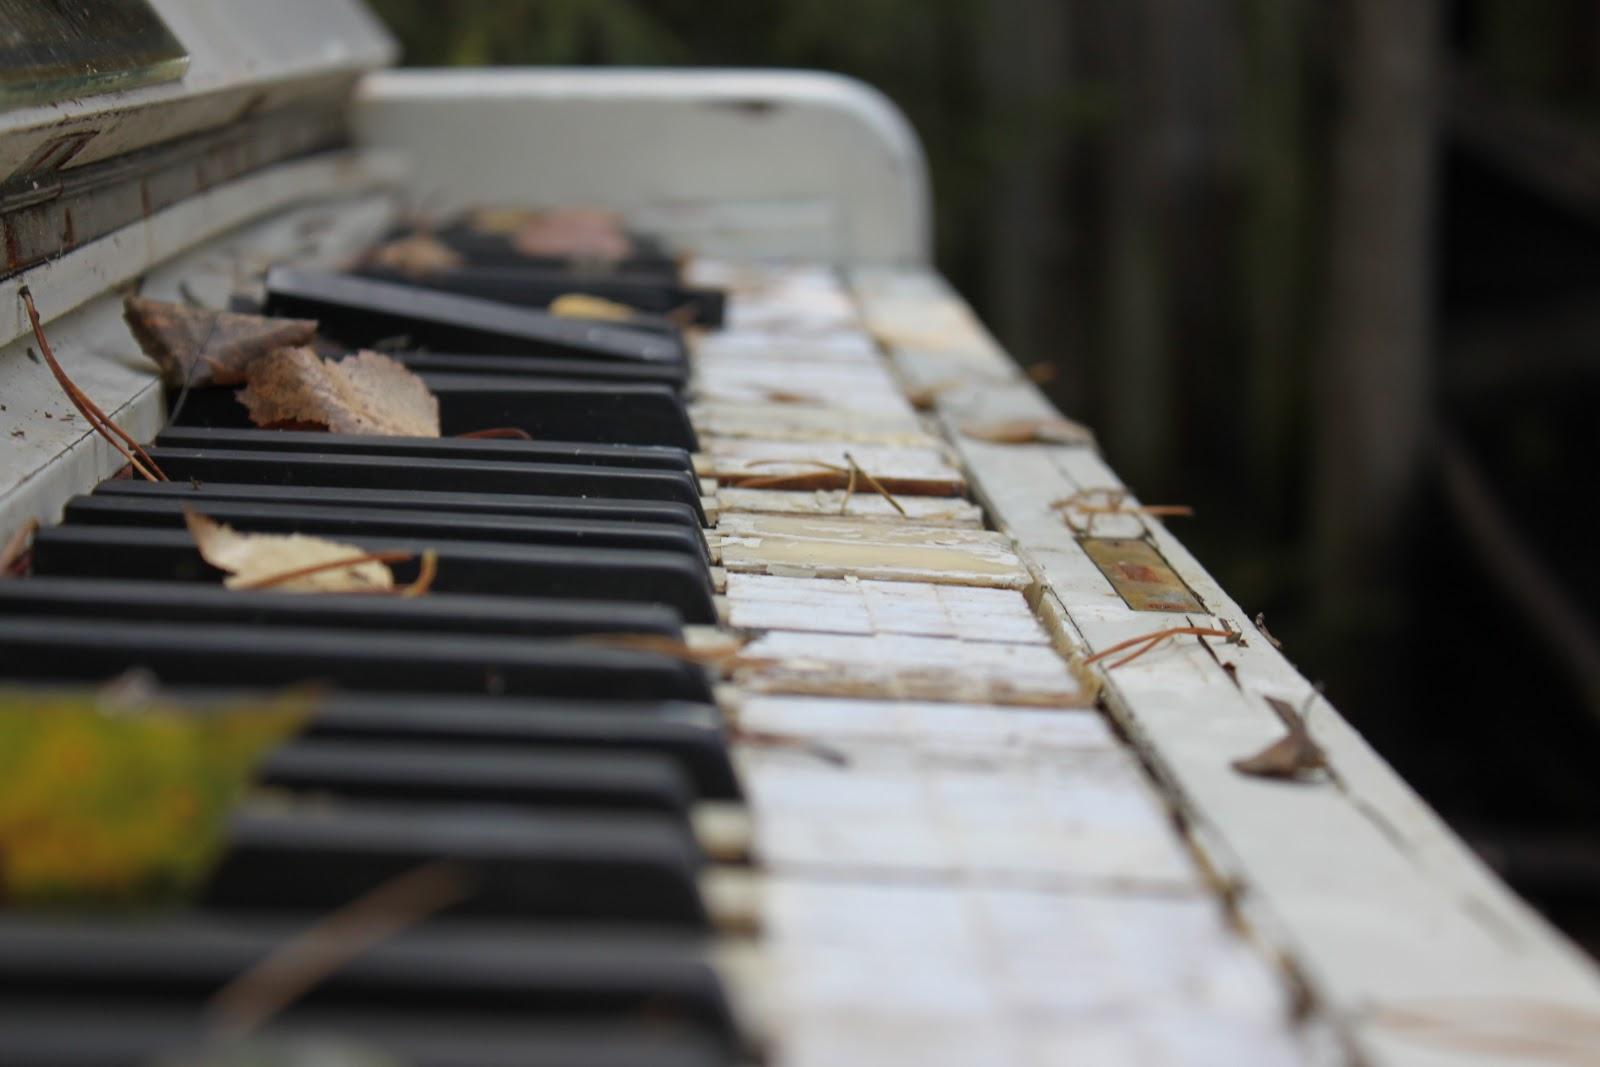 http://1.bp.blogspot.com/-AYIfdZpLxgg/UN8dOCQAFvI/AAAAAAAABdo/HkBt2JMyAg8/s1600/Old+Musical+Instrument+Pictures.jpg